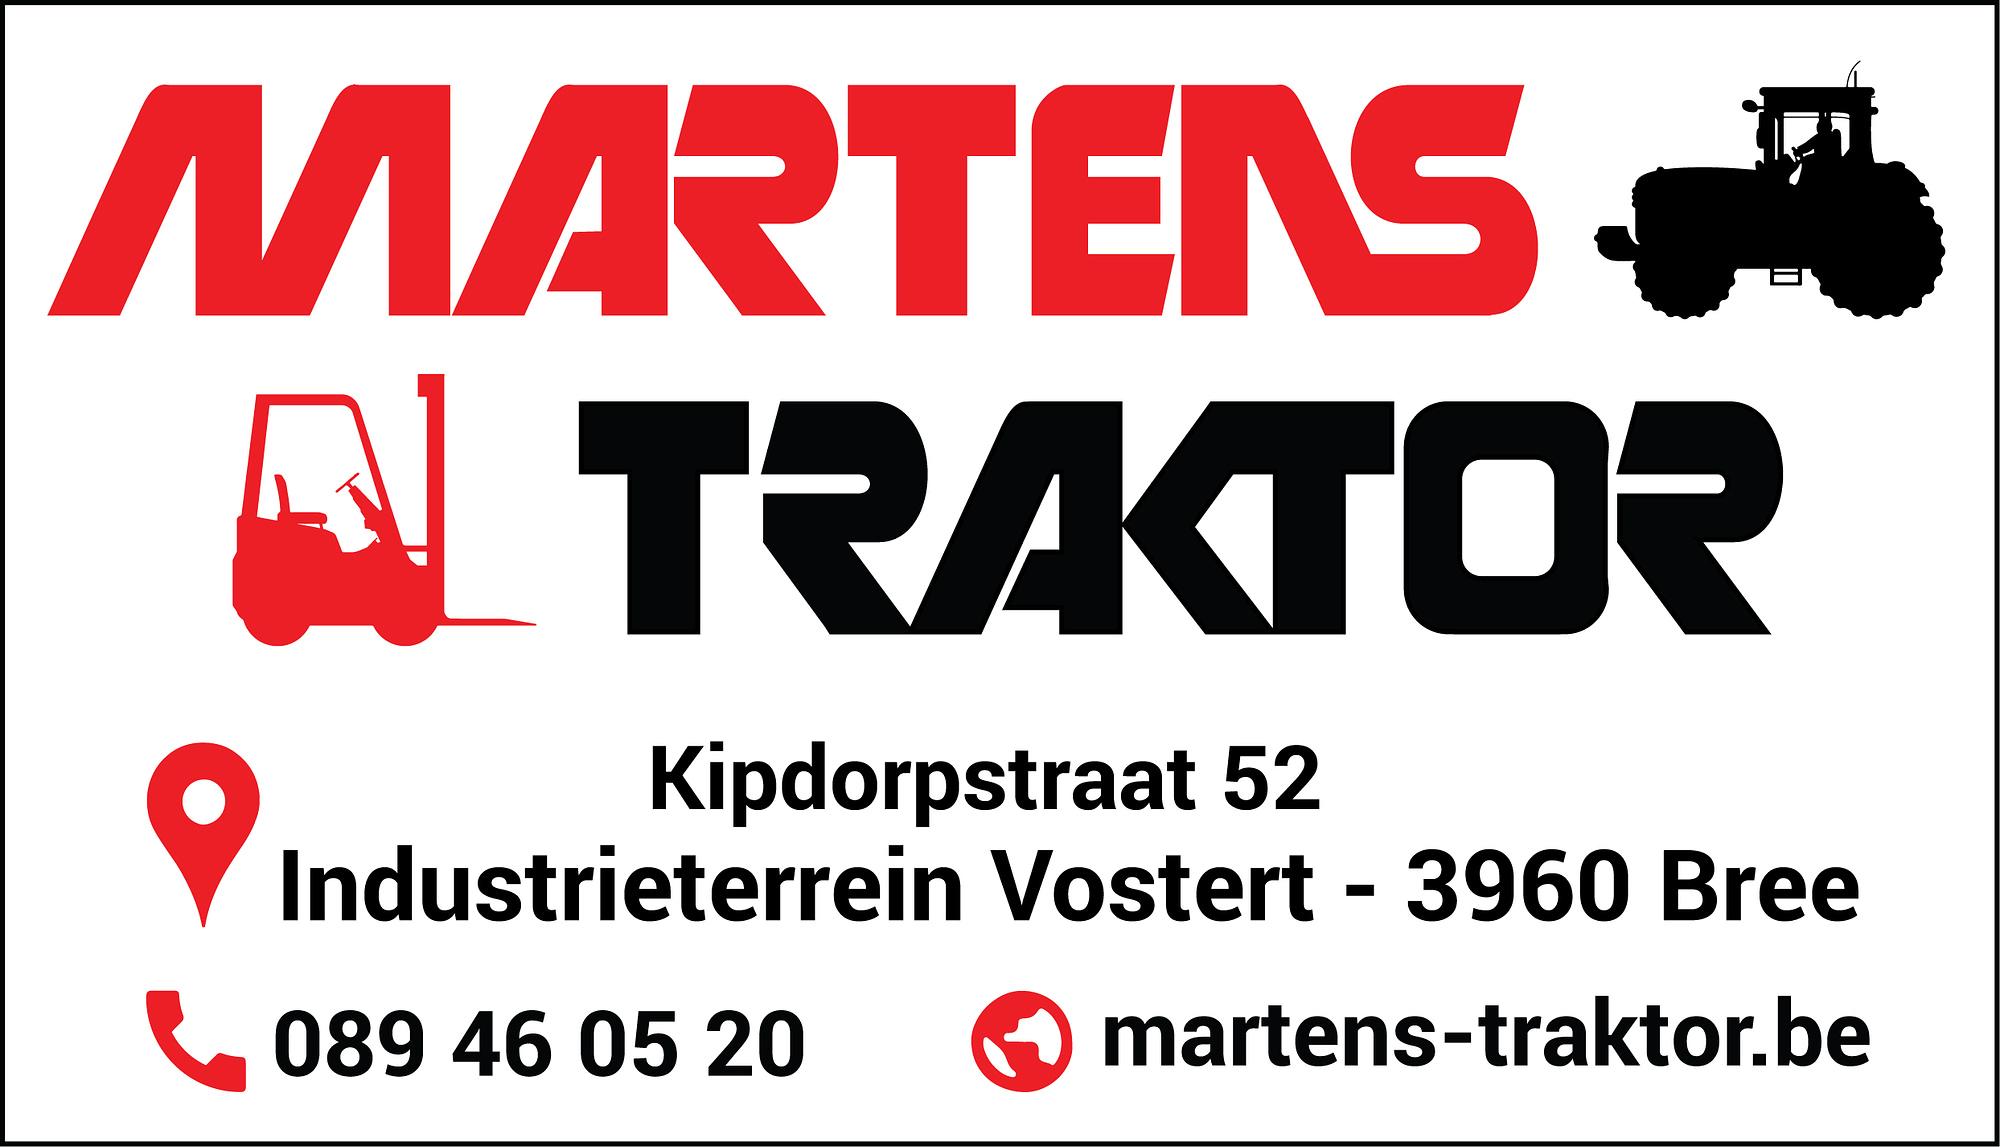 Martenstractor